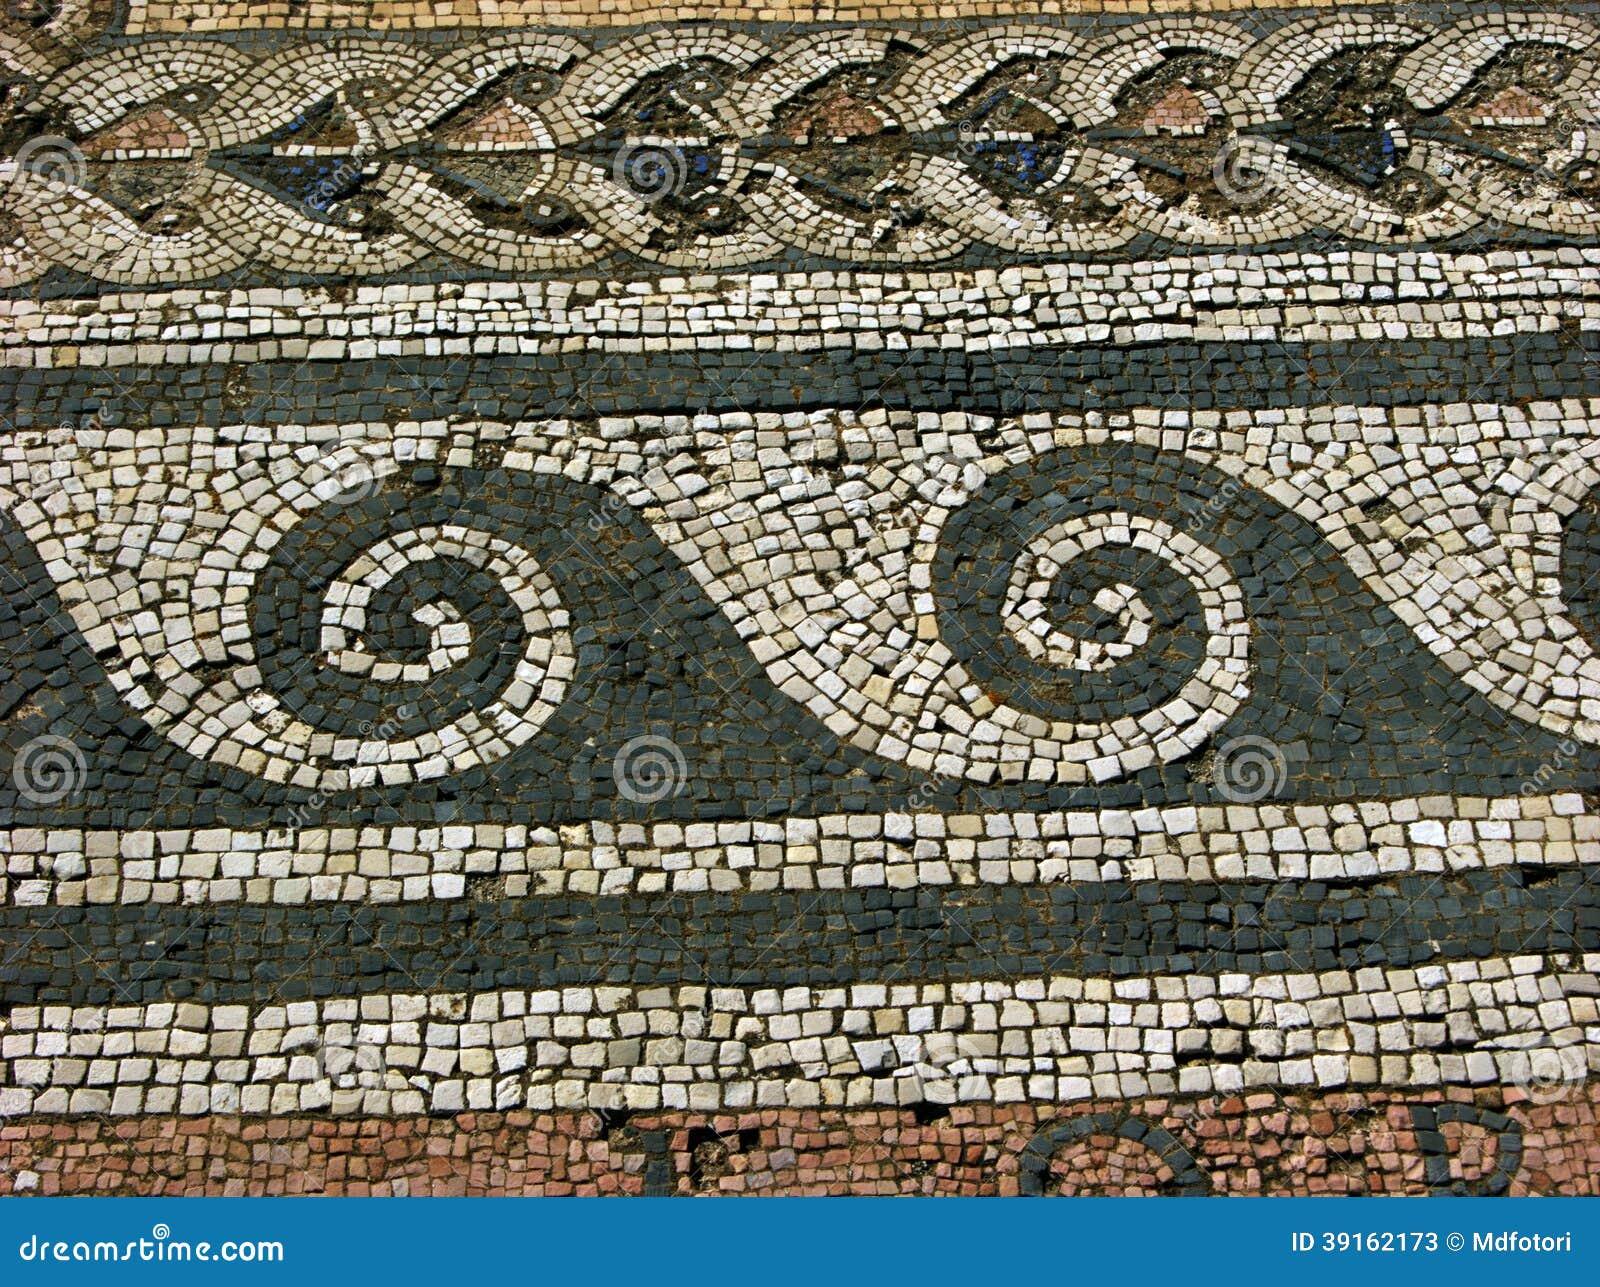 mosaico-en-delos-grecia-39162173.jpg